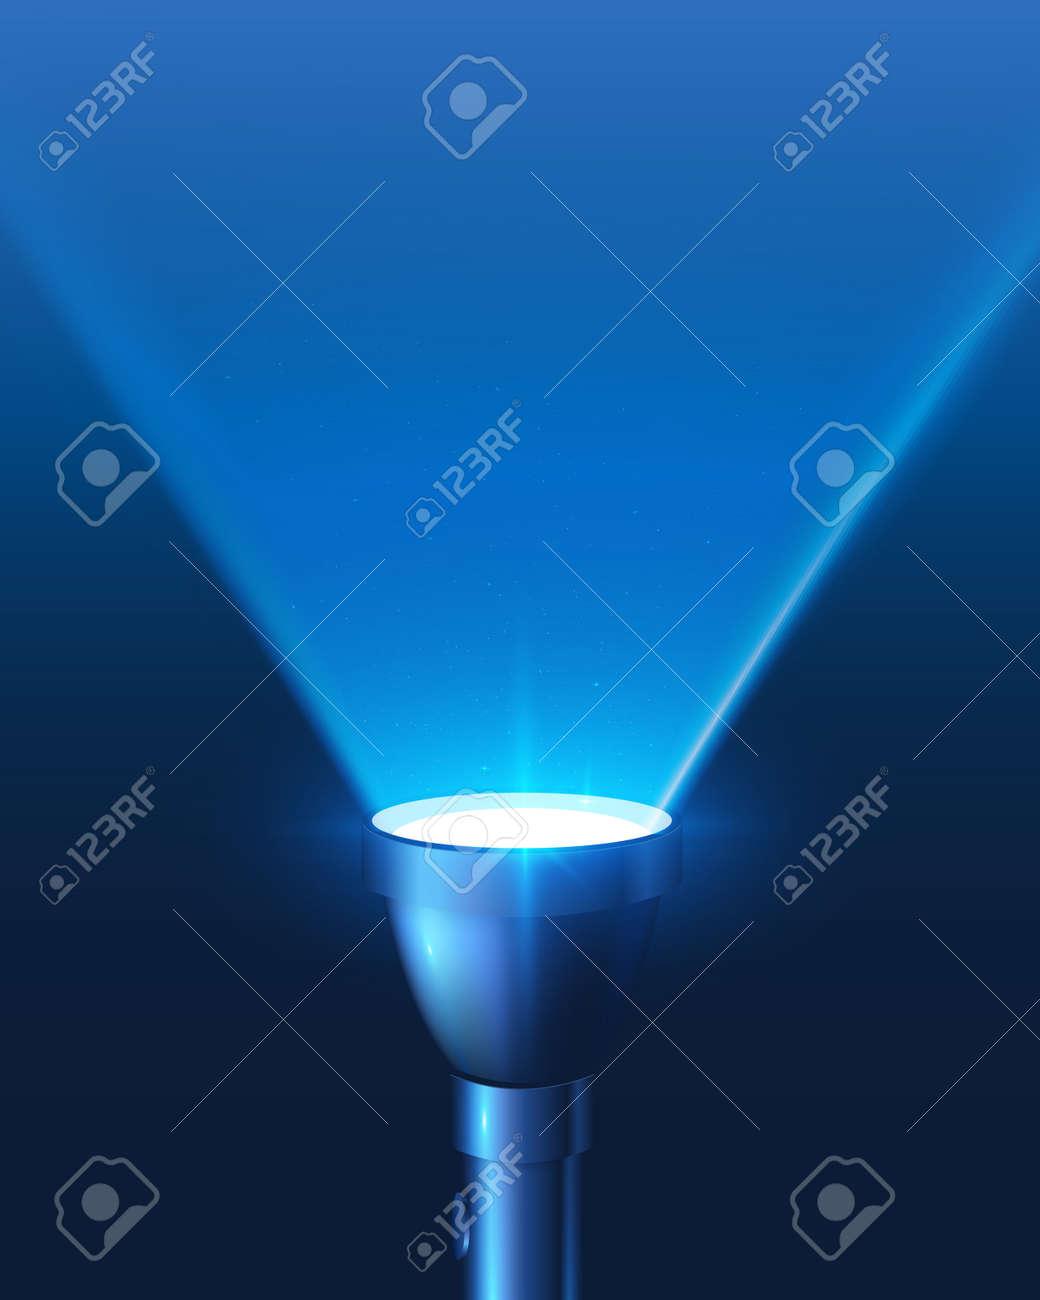 Blue Shining Flashlight Light Vector Background Royalty Free ... for Flash Light Vector Background  585eri